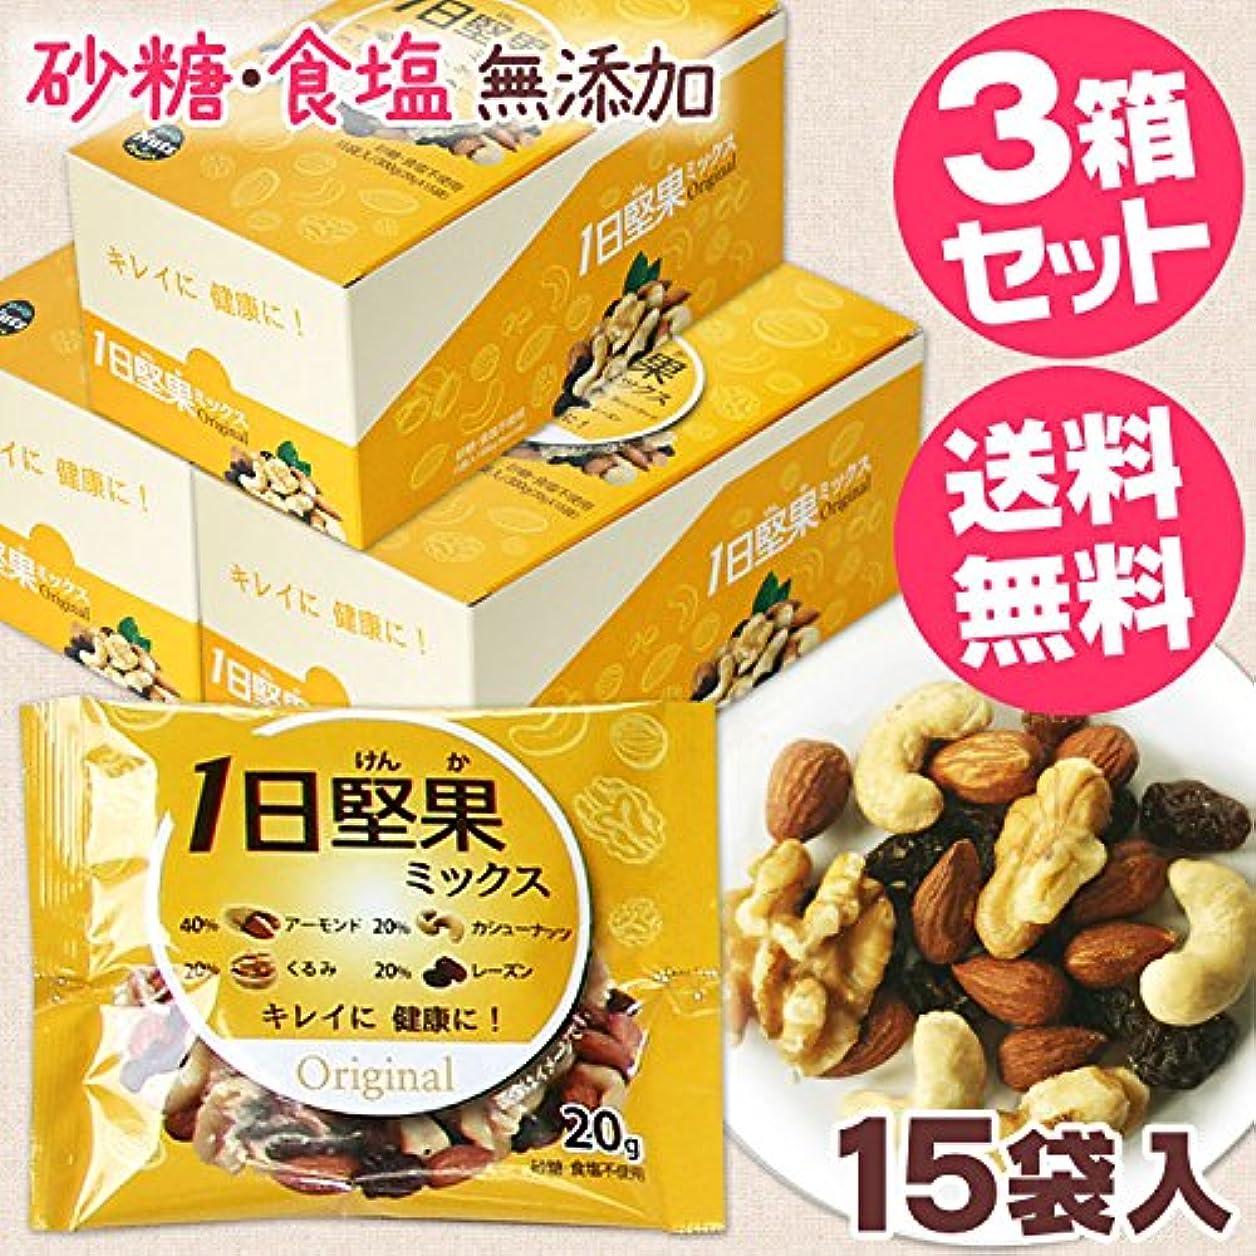 賛辞冗長木1日堅果ミックス オリジナル [15袋]◆3箱セット